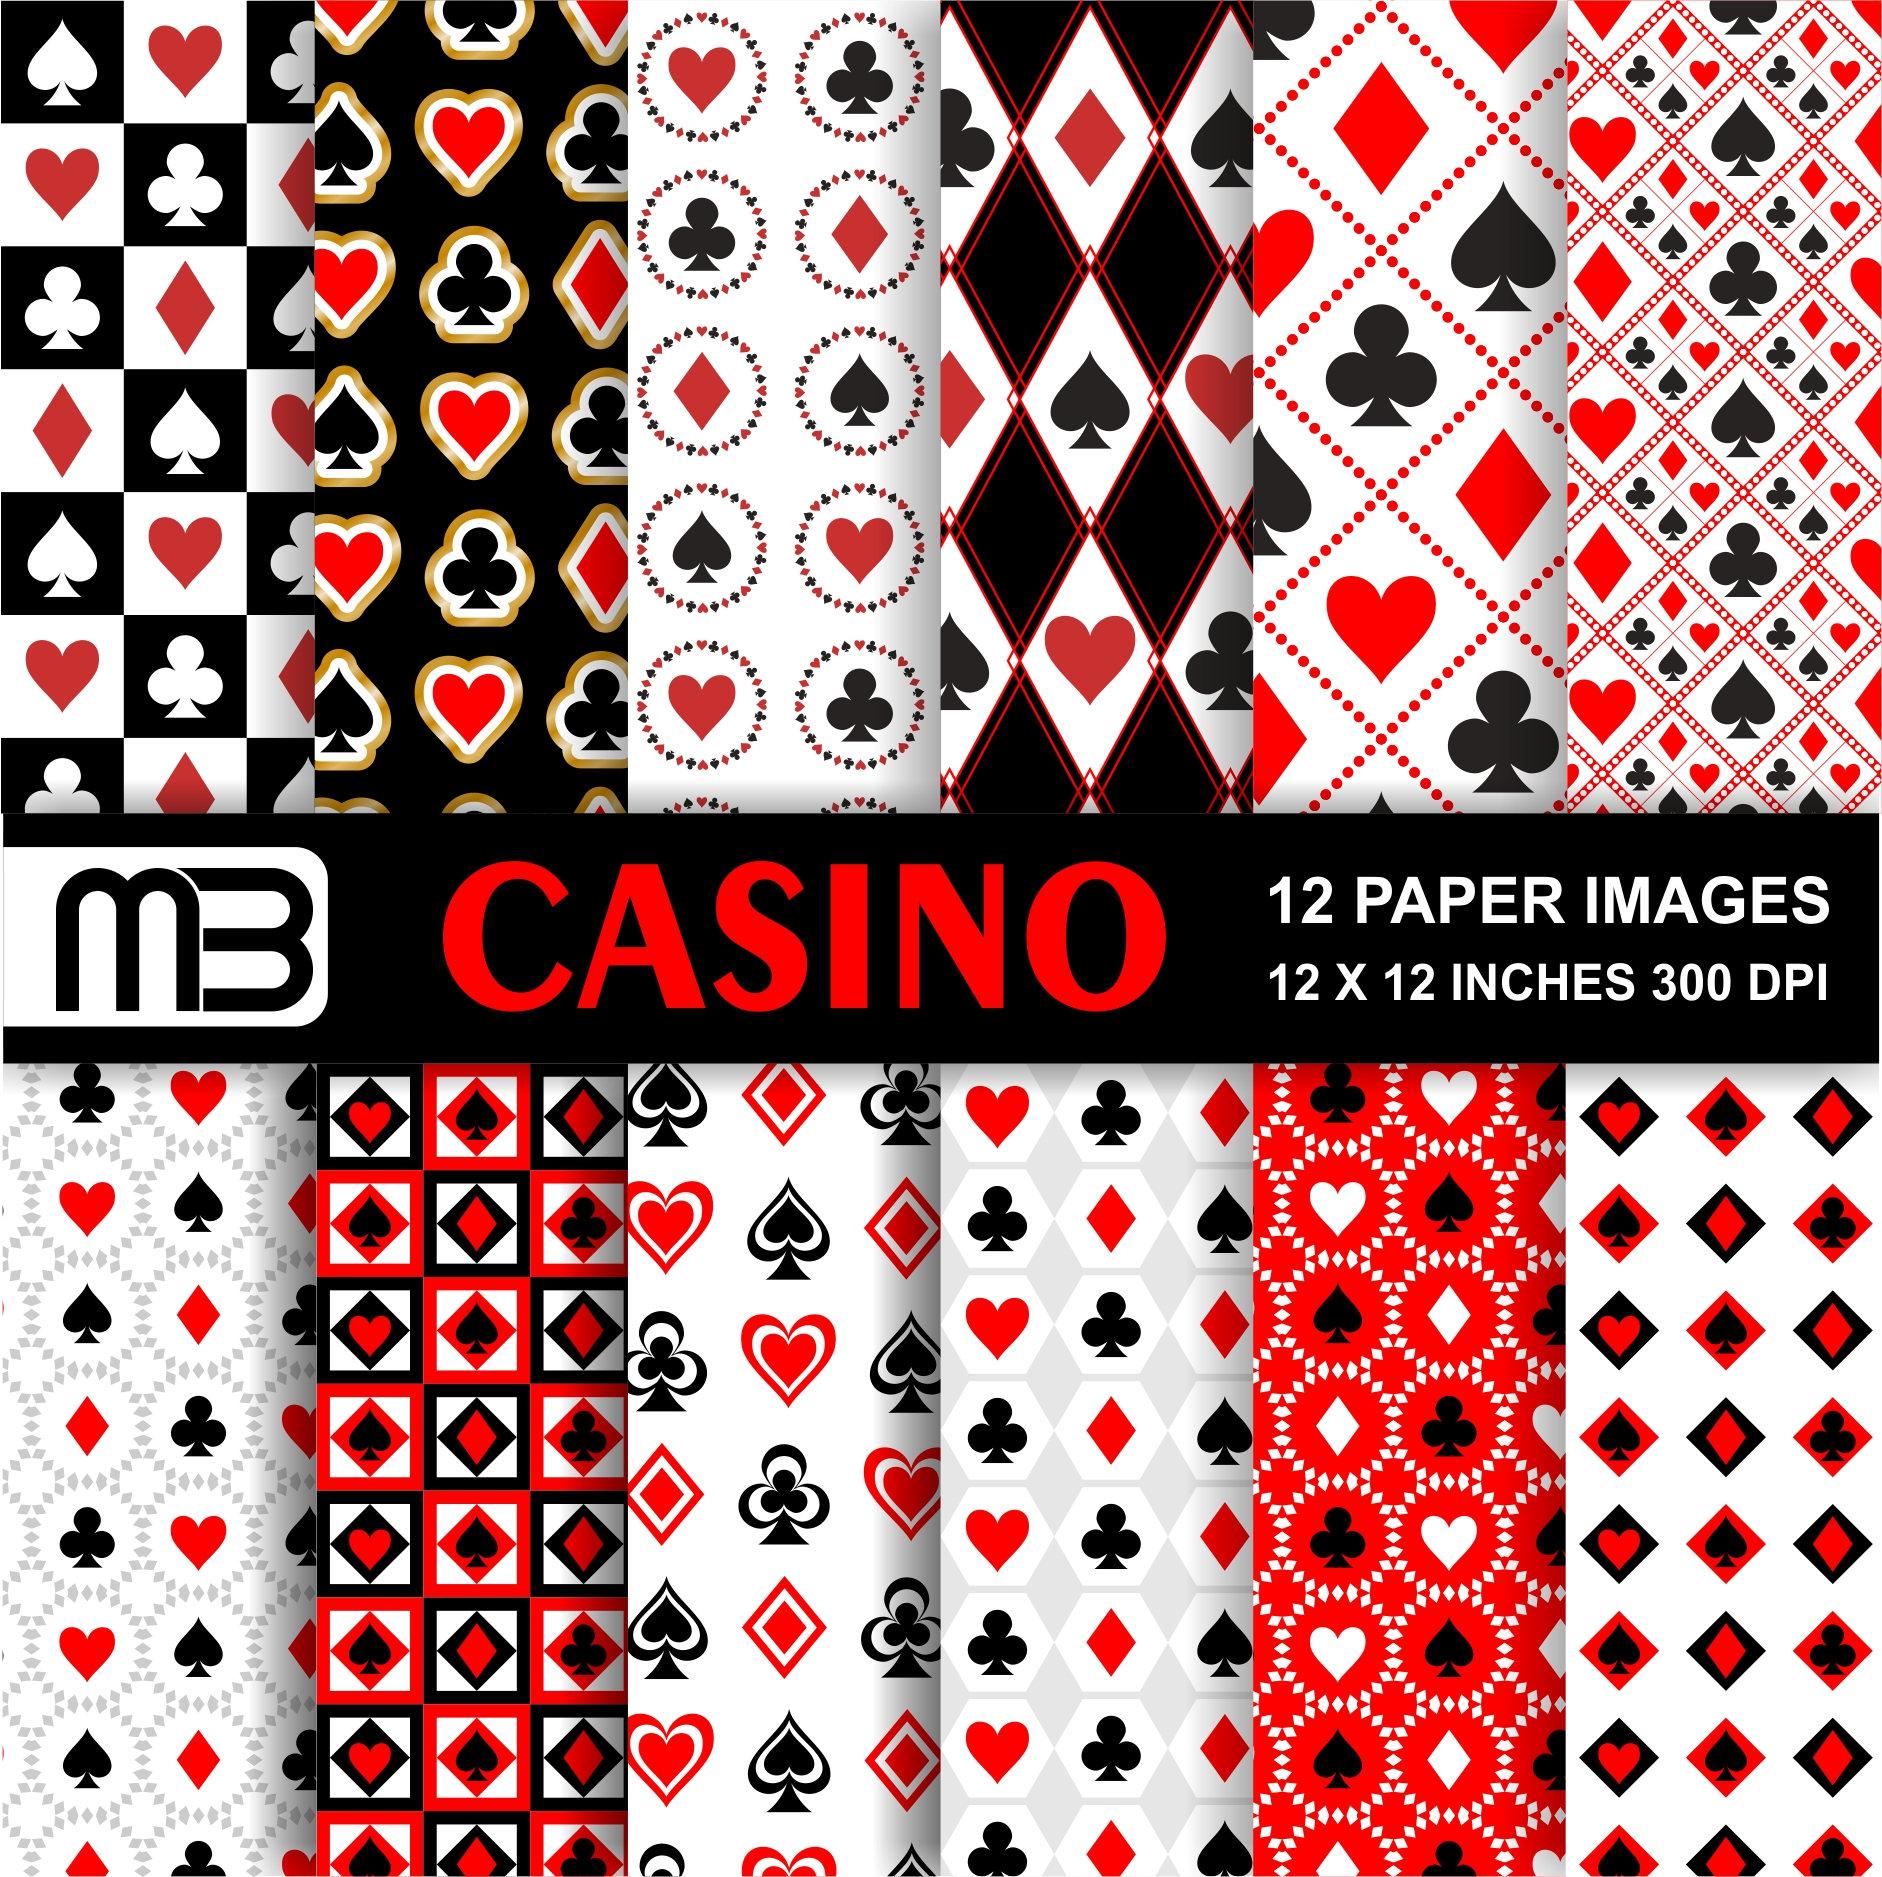 Casino research paper